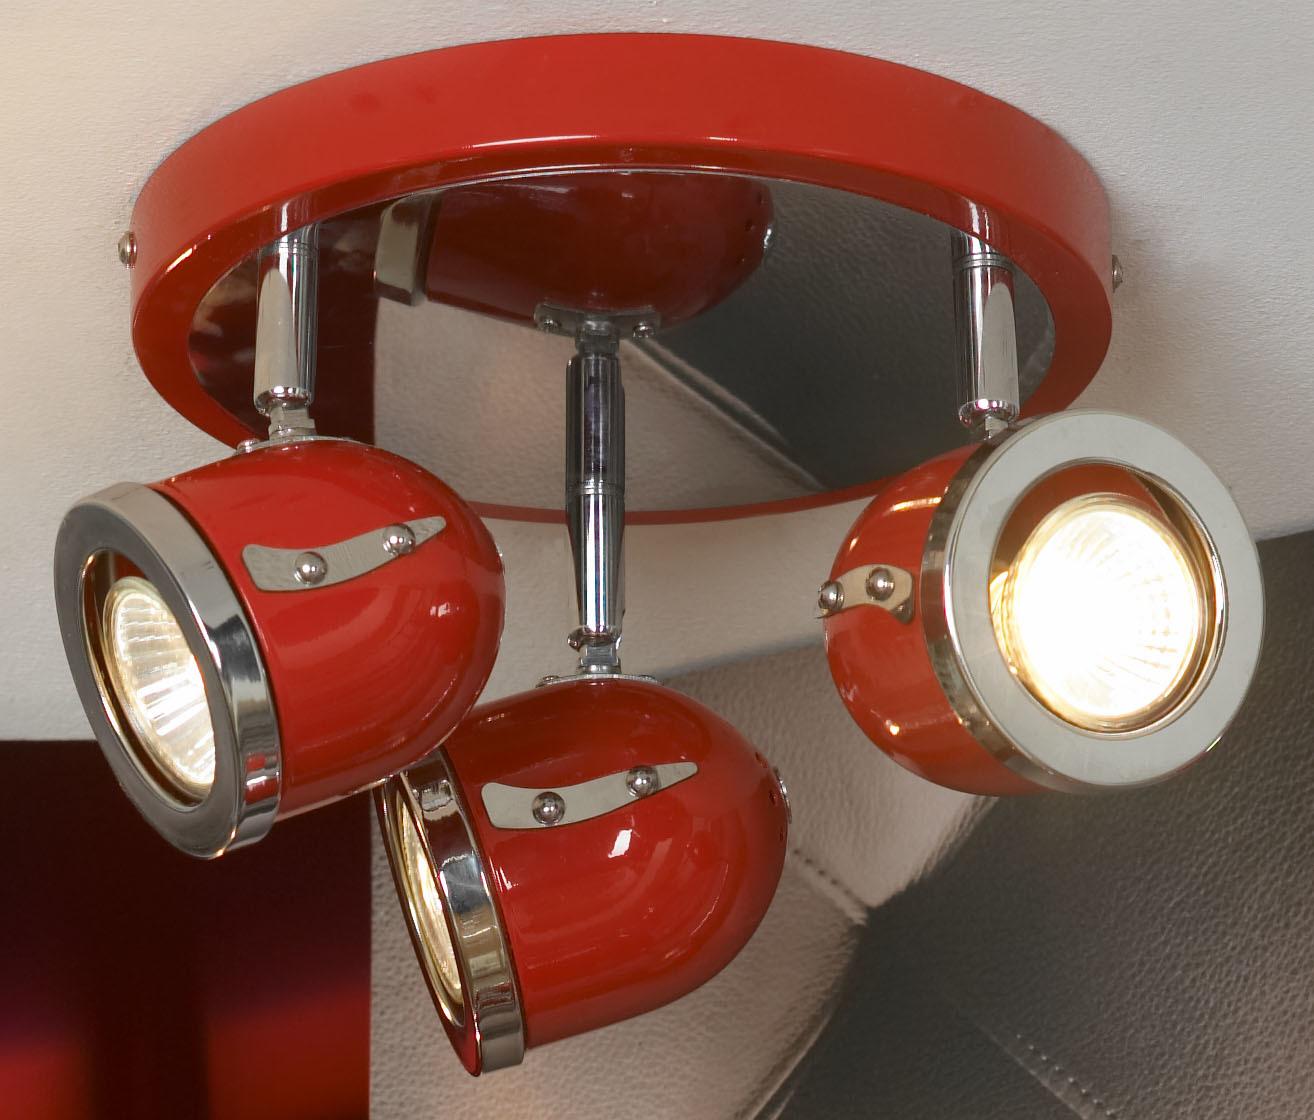 Потолочная люстра с регулировкой направления света Lussole Loft Tivoli LSN-3107-03, IP21, 3xGU10x50W, красный, металл - фото 1